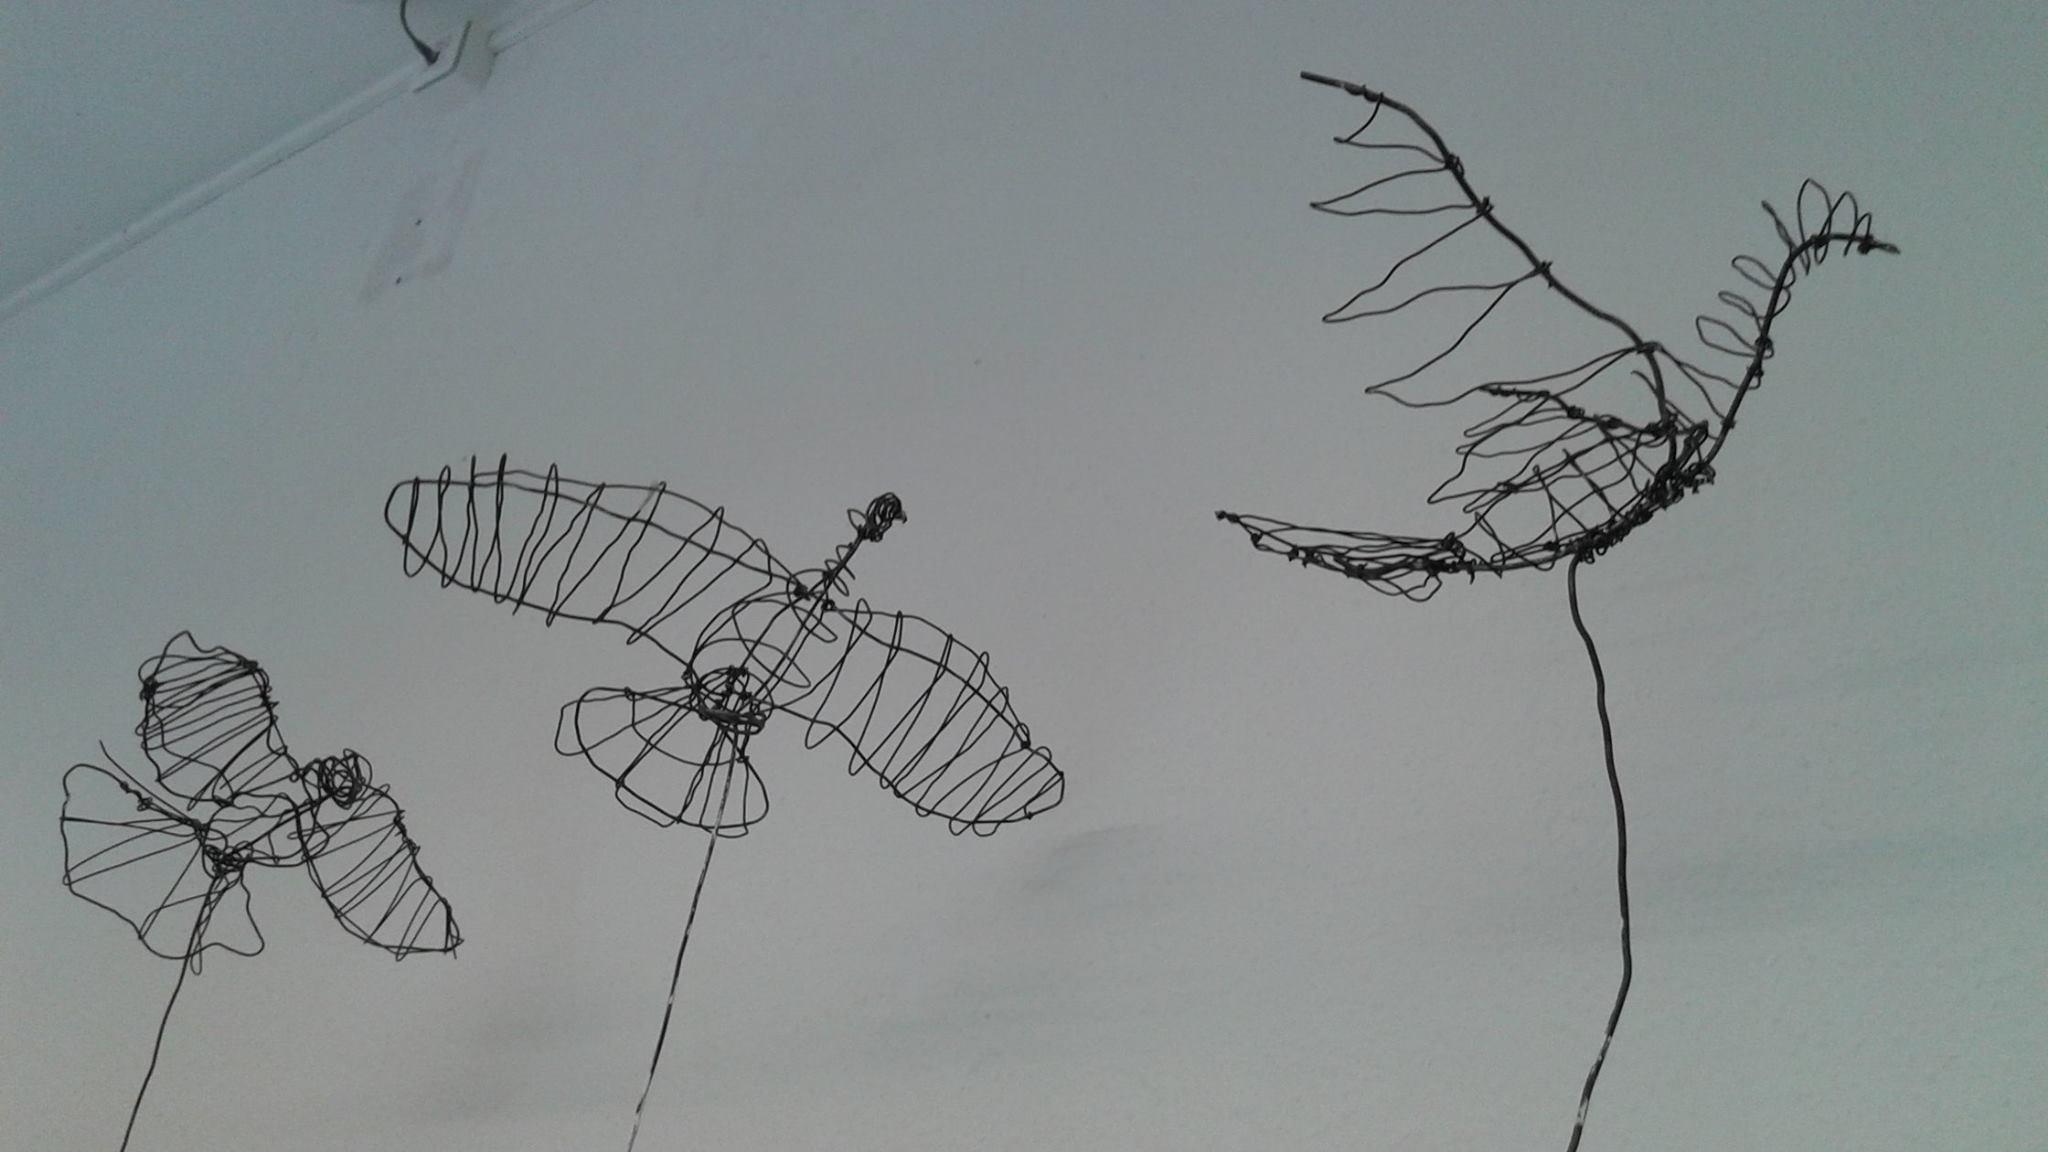 La décomposition du vol du pigeon : exposition de sculptures